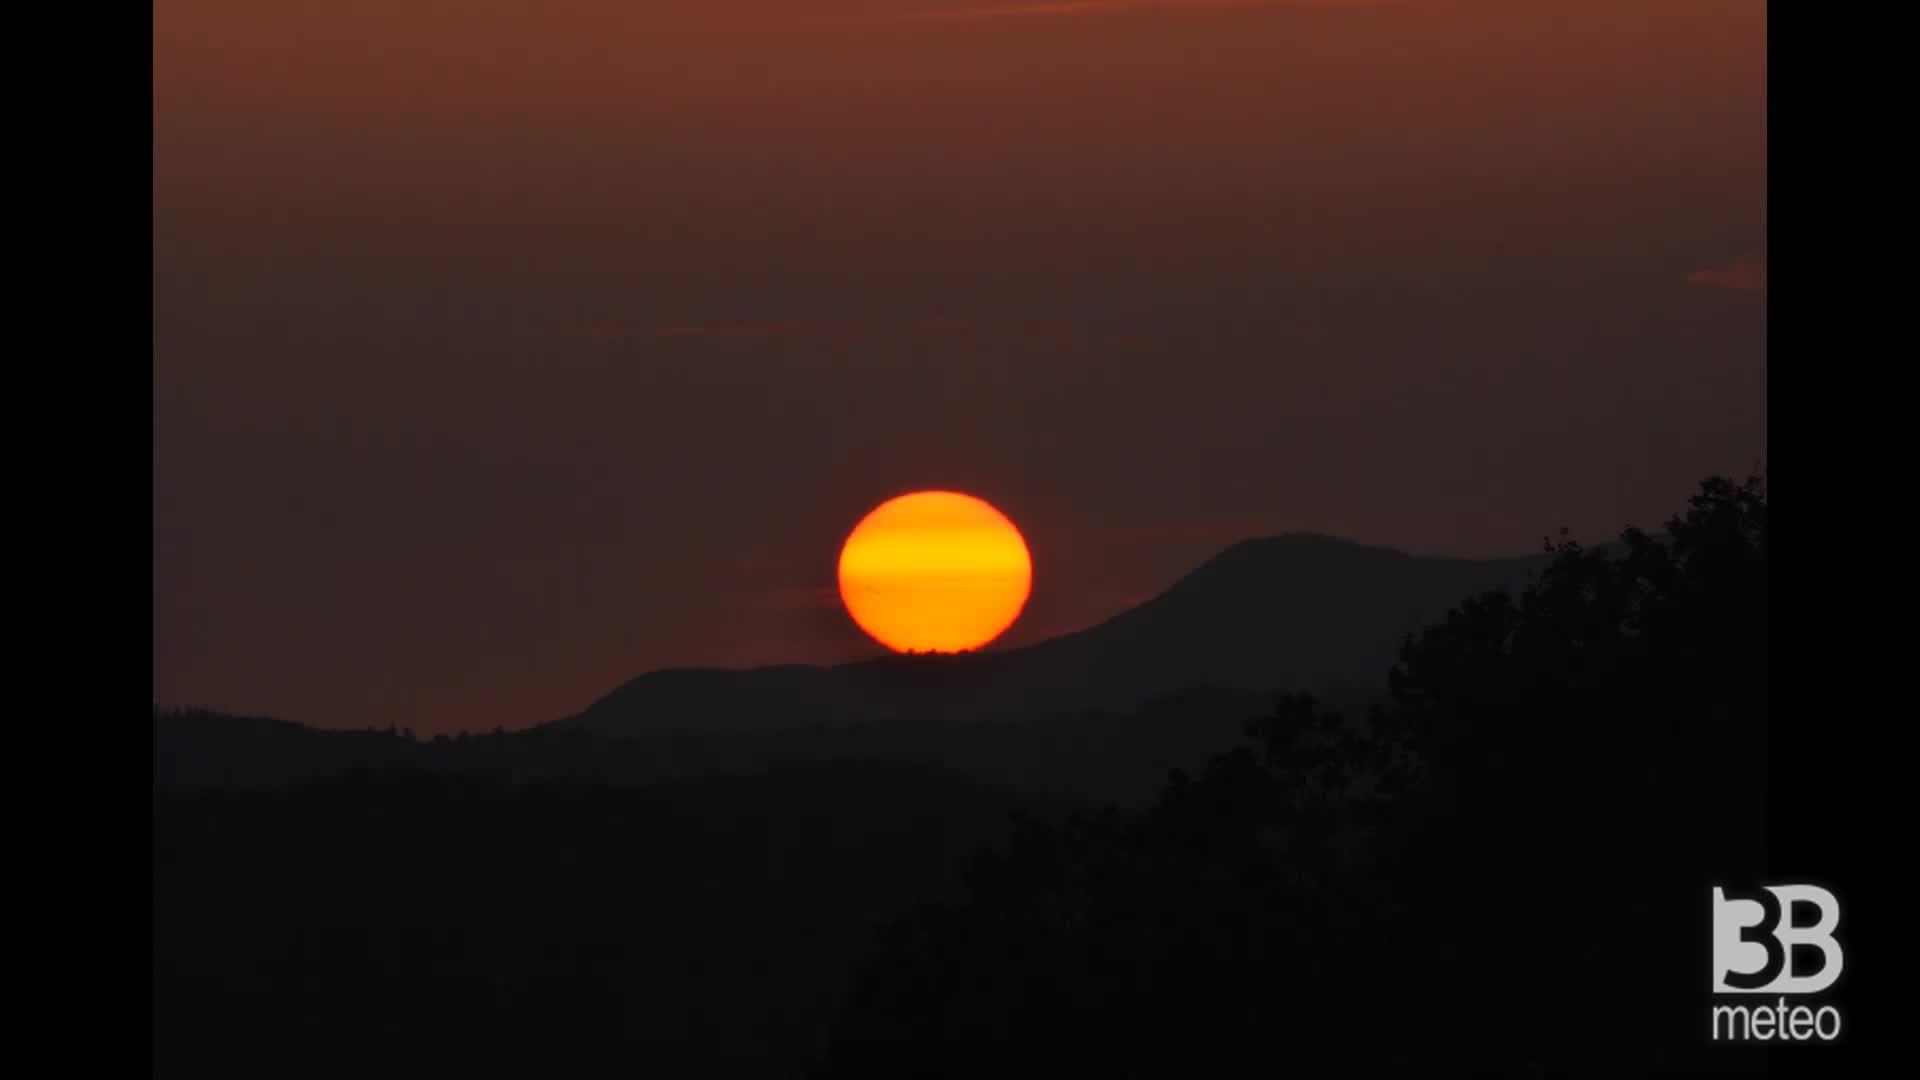 Cronaca meteo video: il suggestivo tramonto del 6.11.2020